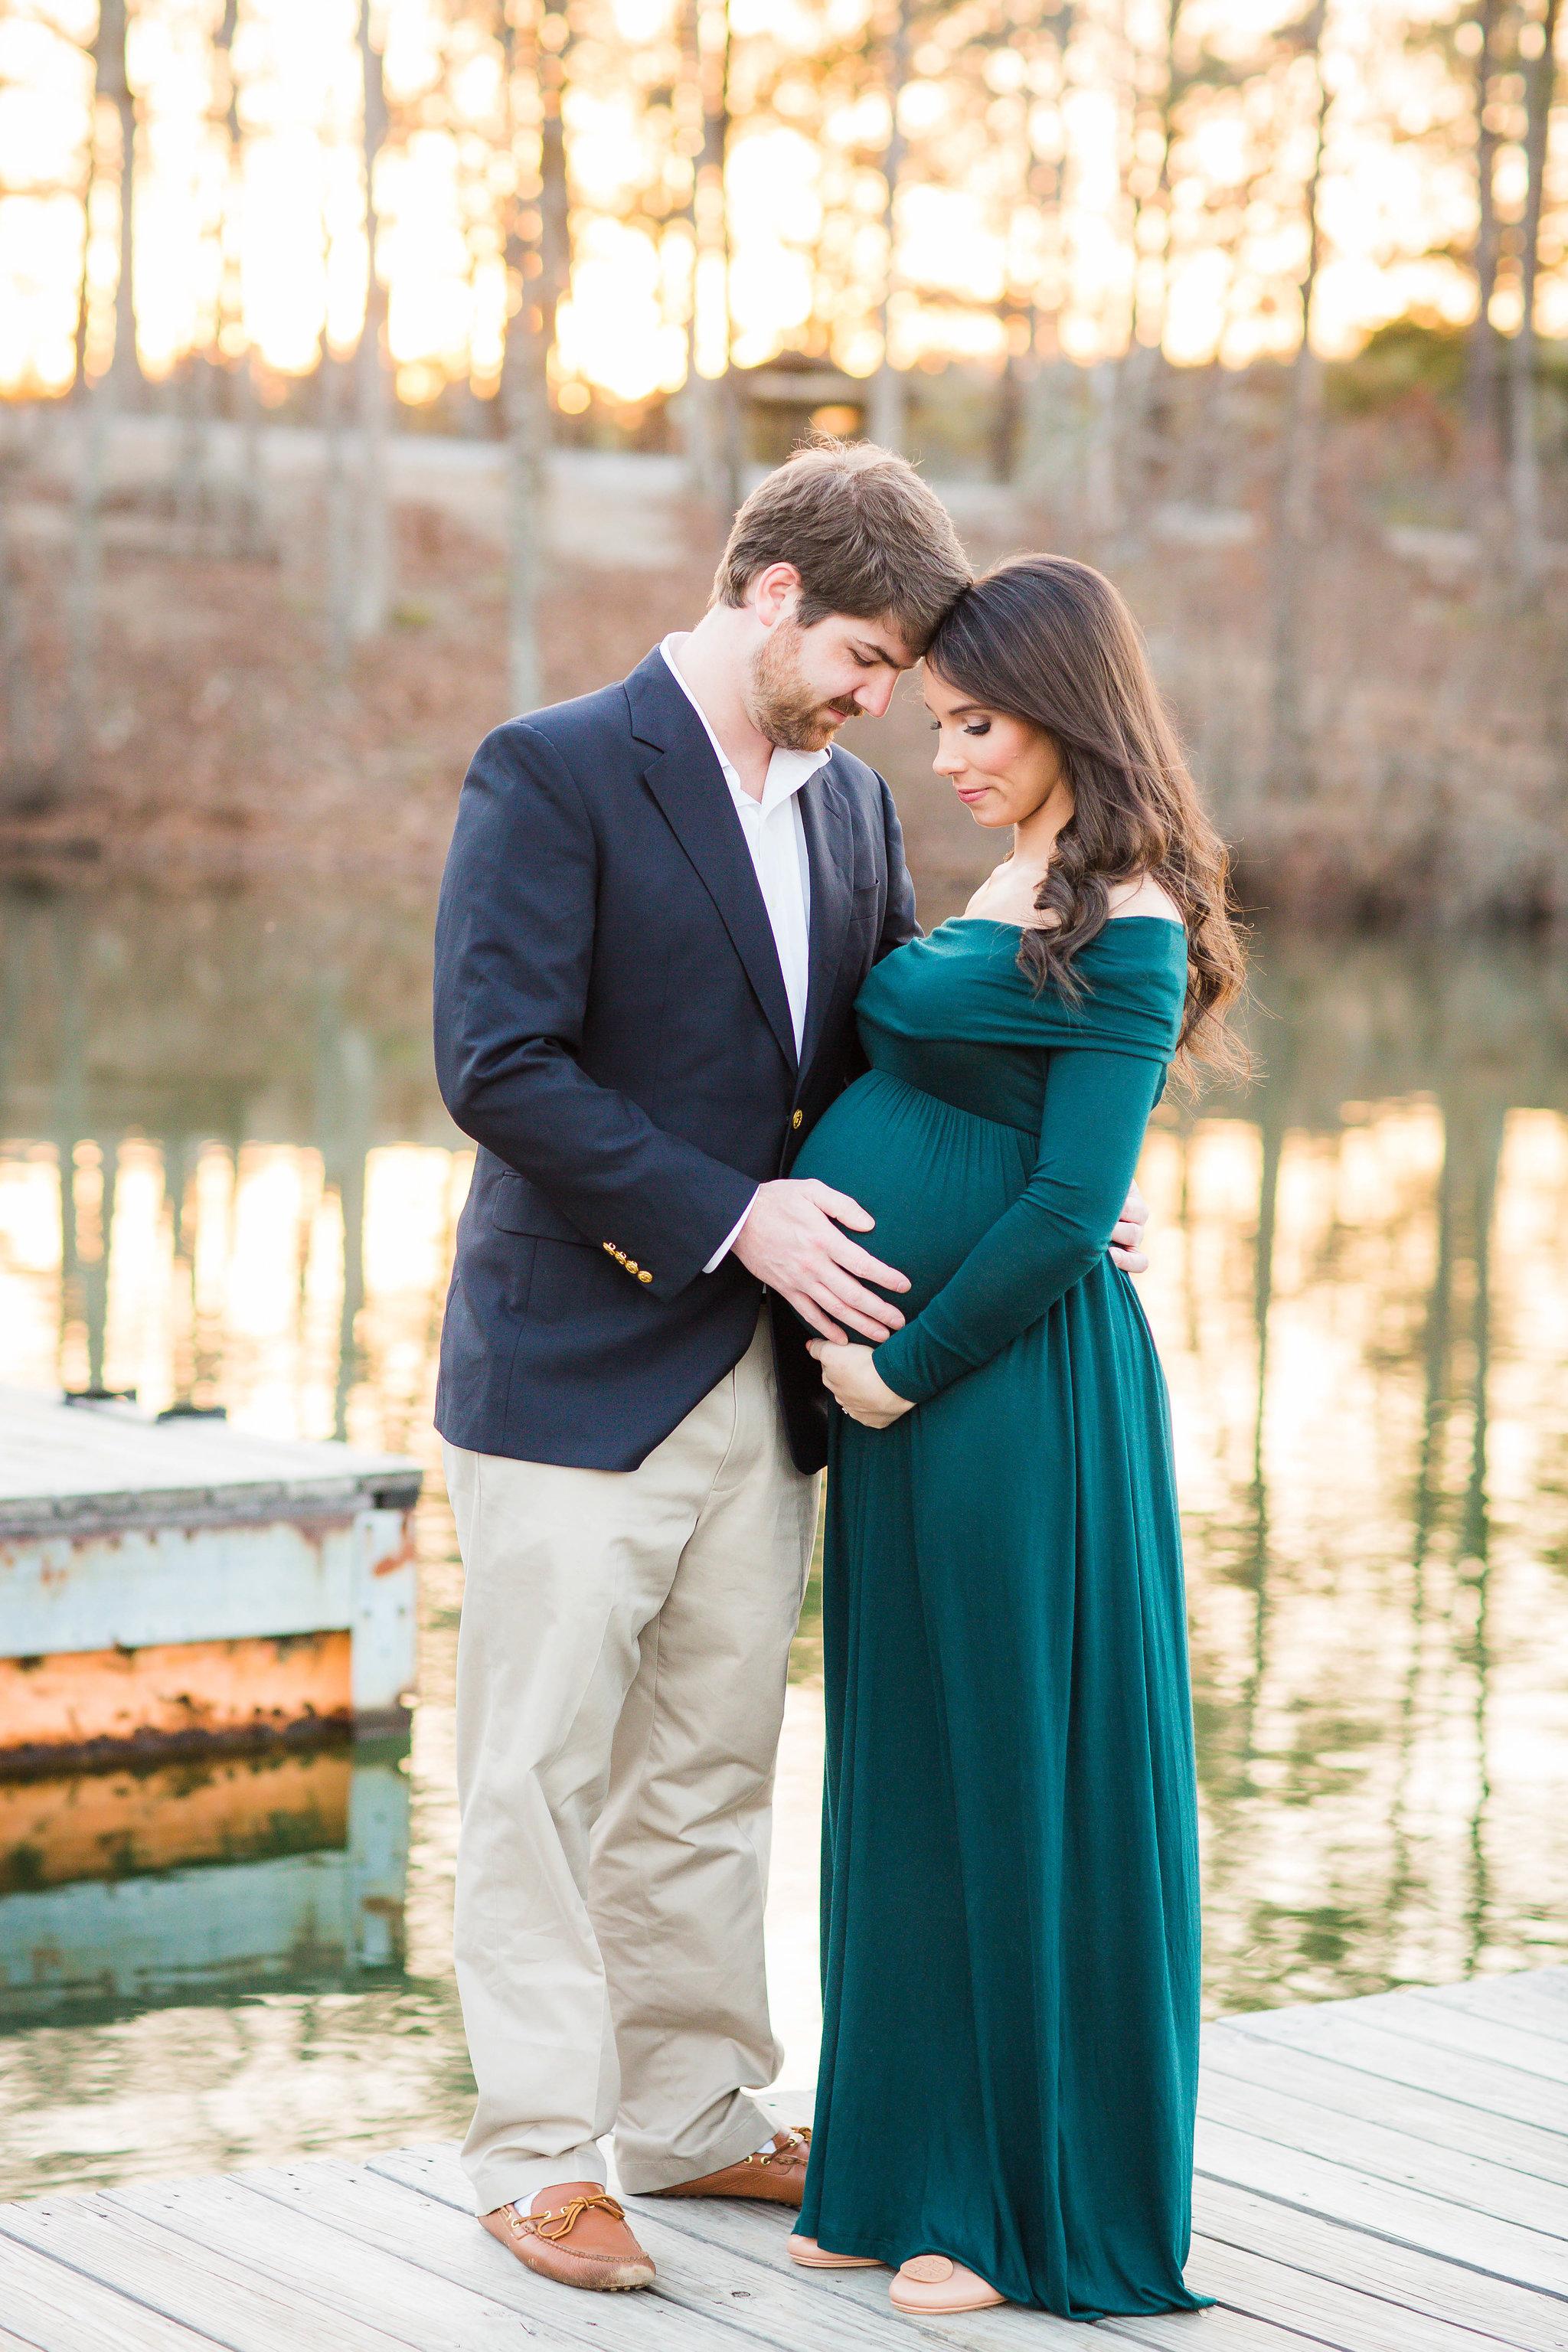 BirminghamMaternityPhotographer+AlabamaMaternityPhotographer+78.jpg